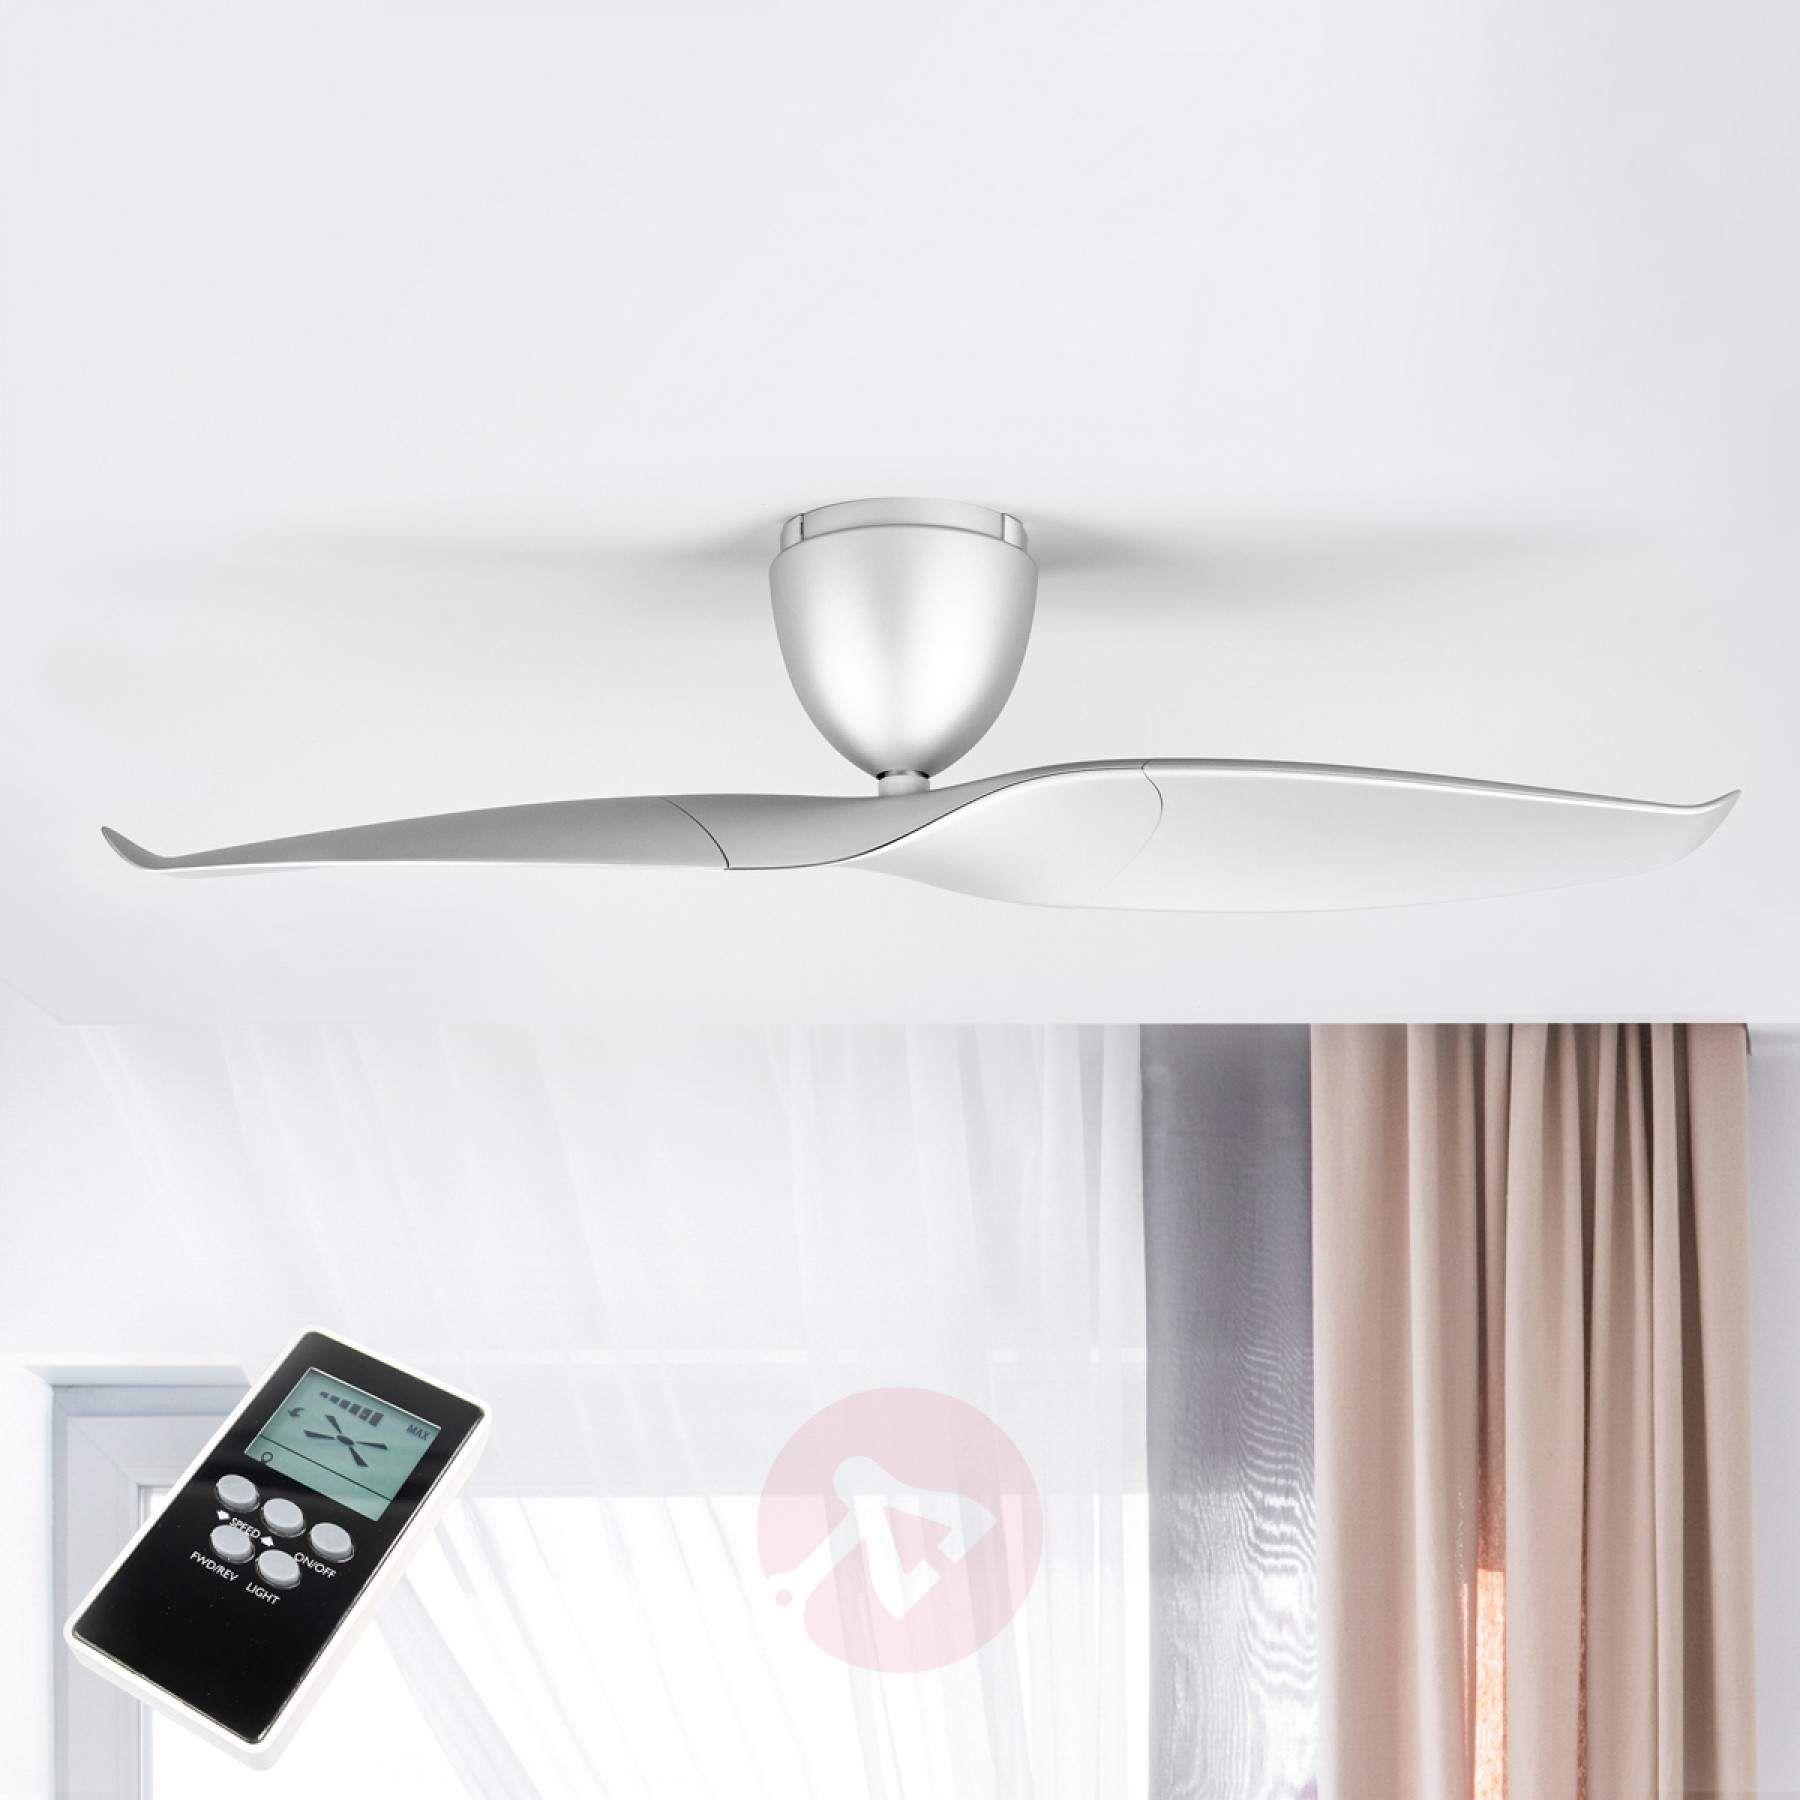 Ventilateur De Plafond Wave A 2 Pales Argent 126 Ventilateur Plafond Plafond Et Ventilateur